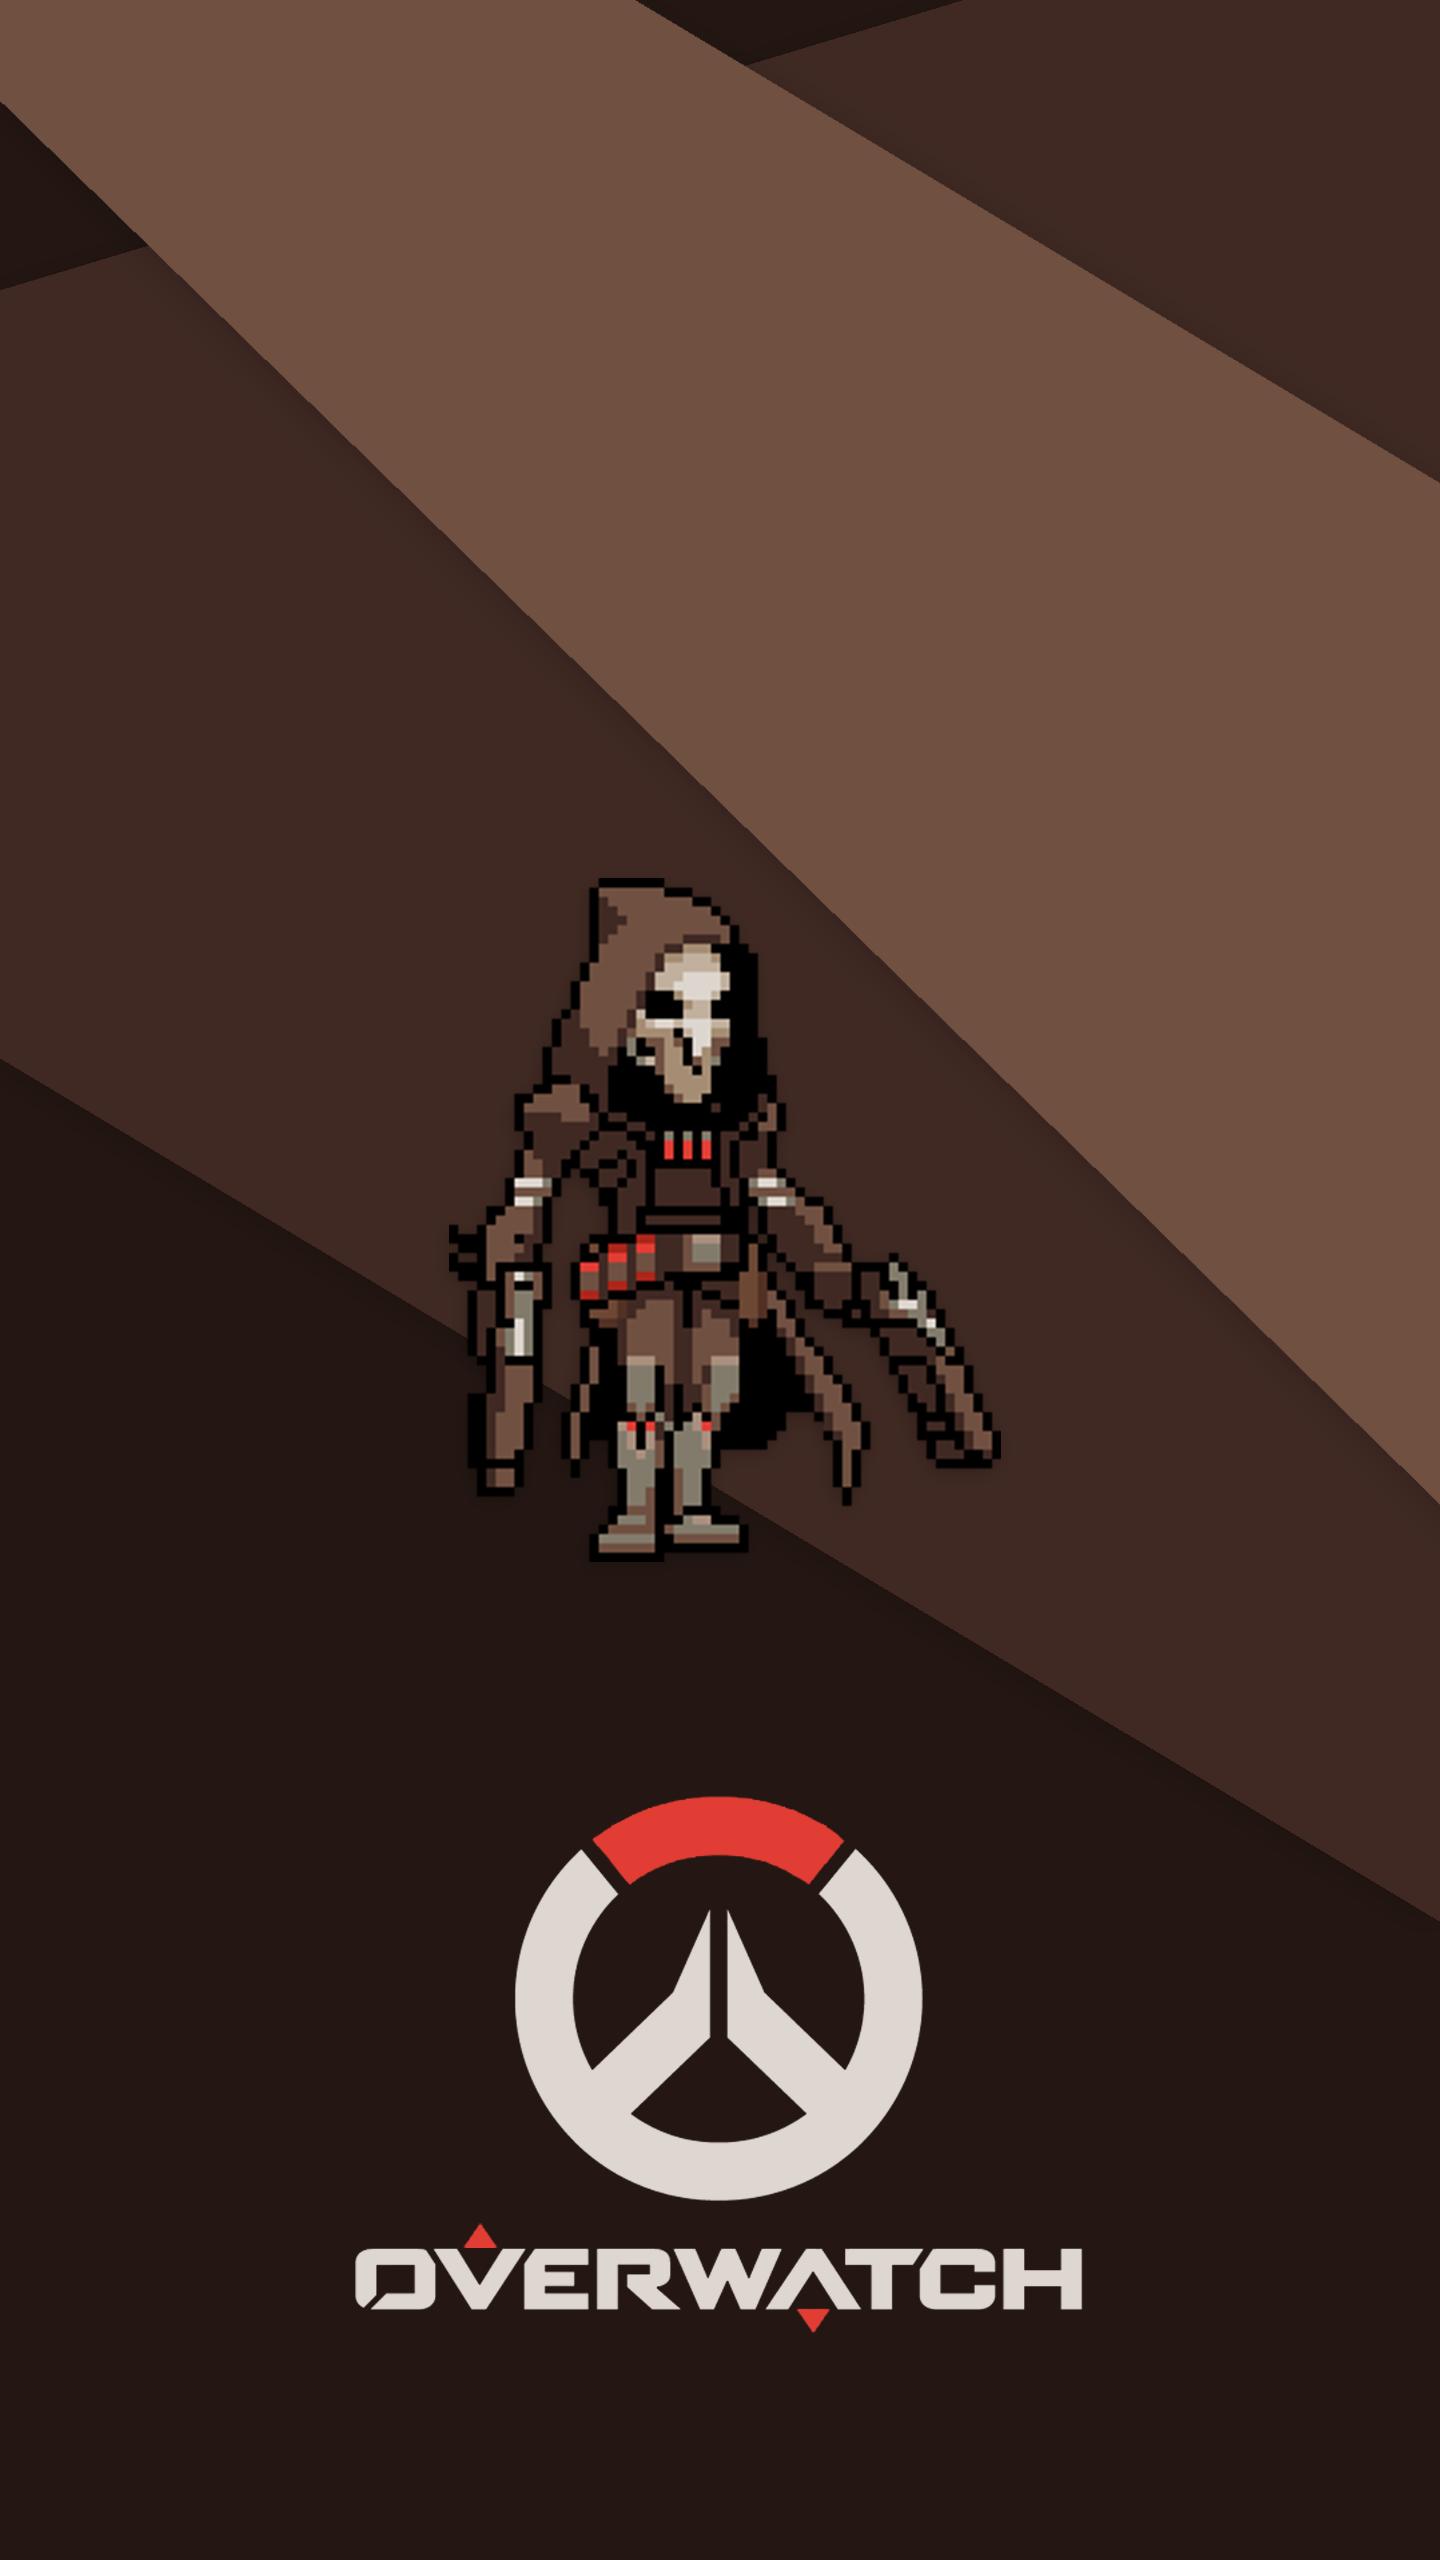 Pin de Omael en Overwatch Overwatch, Overwatch